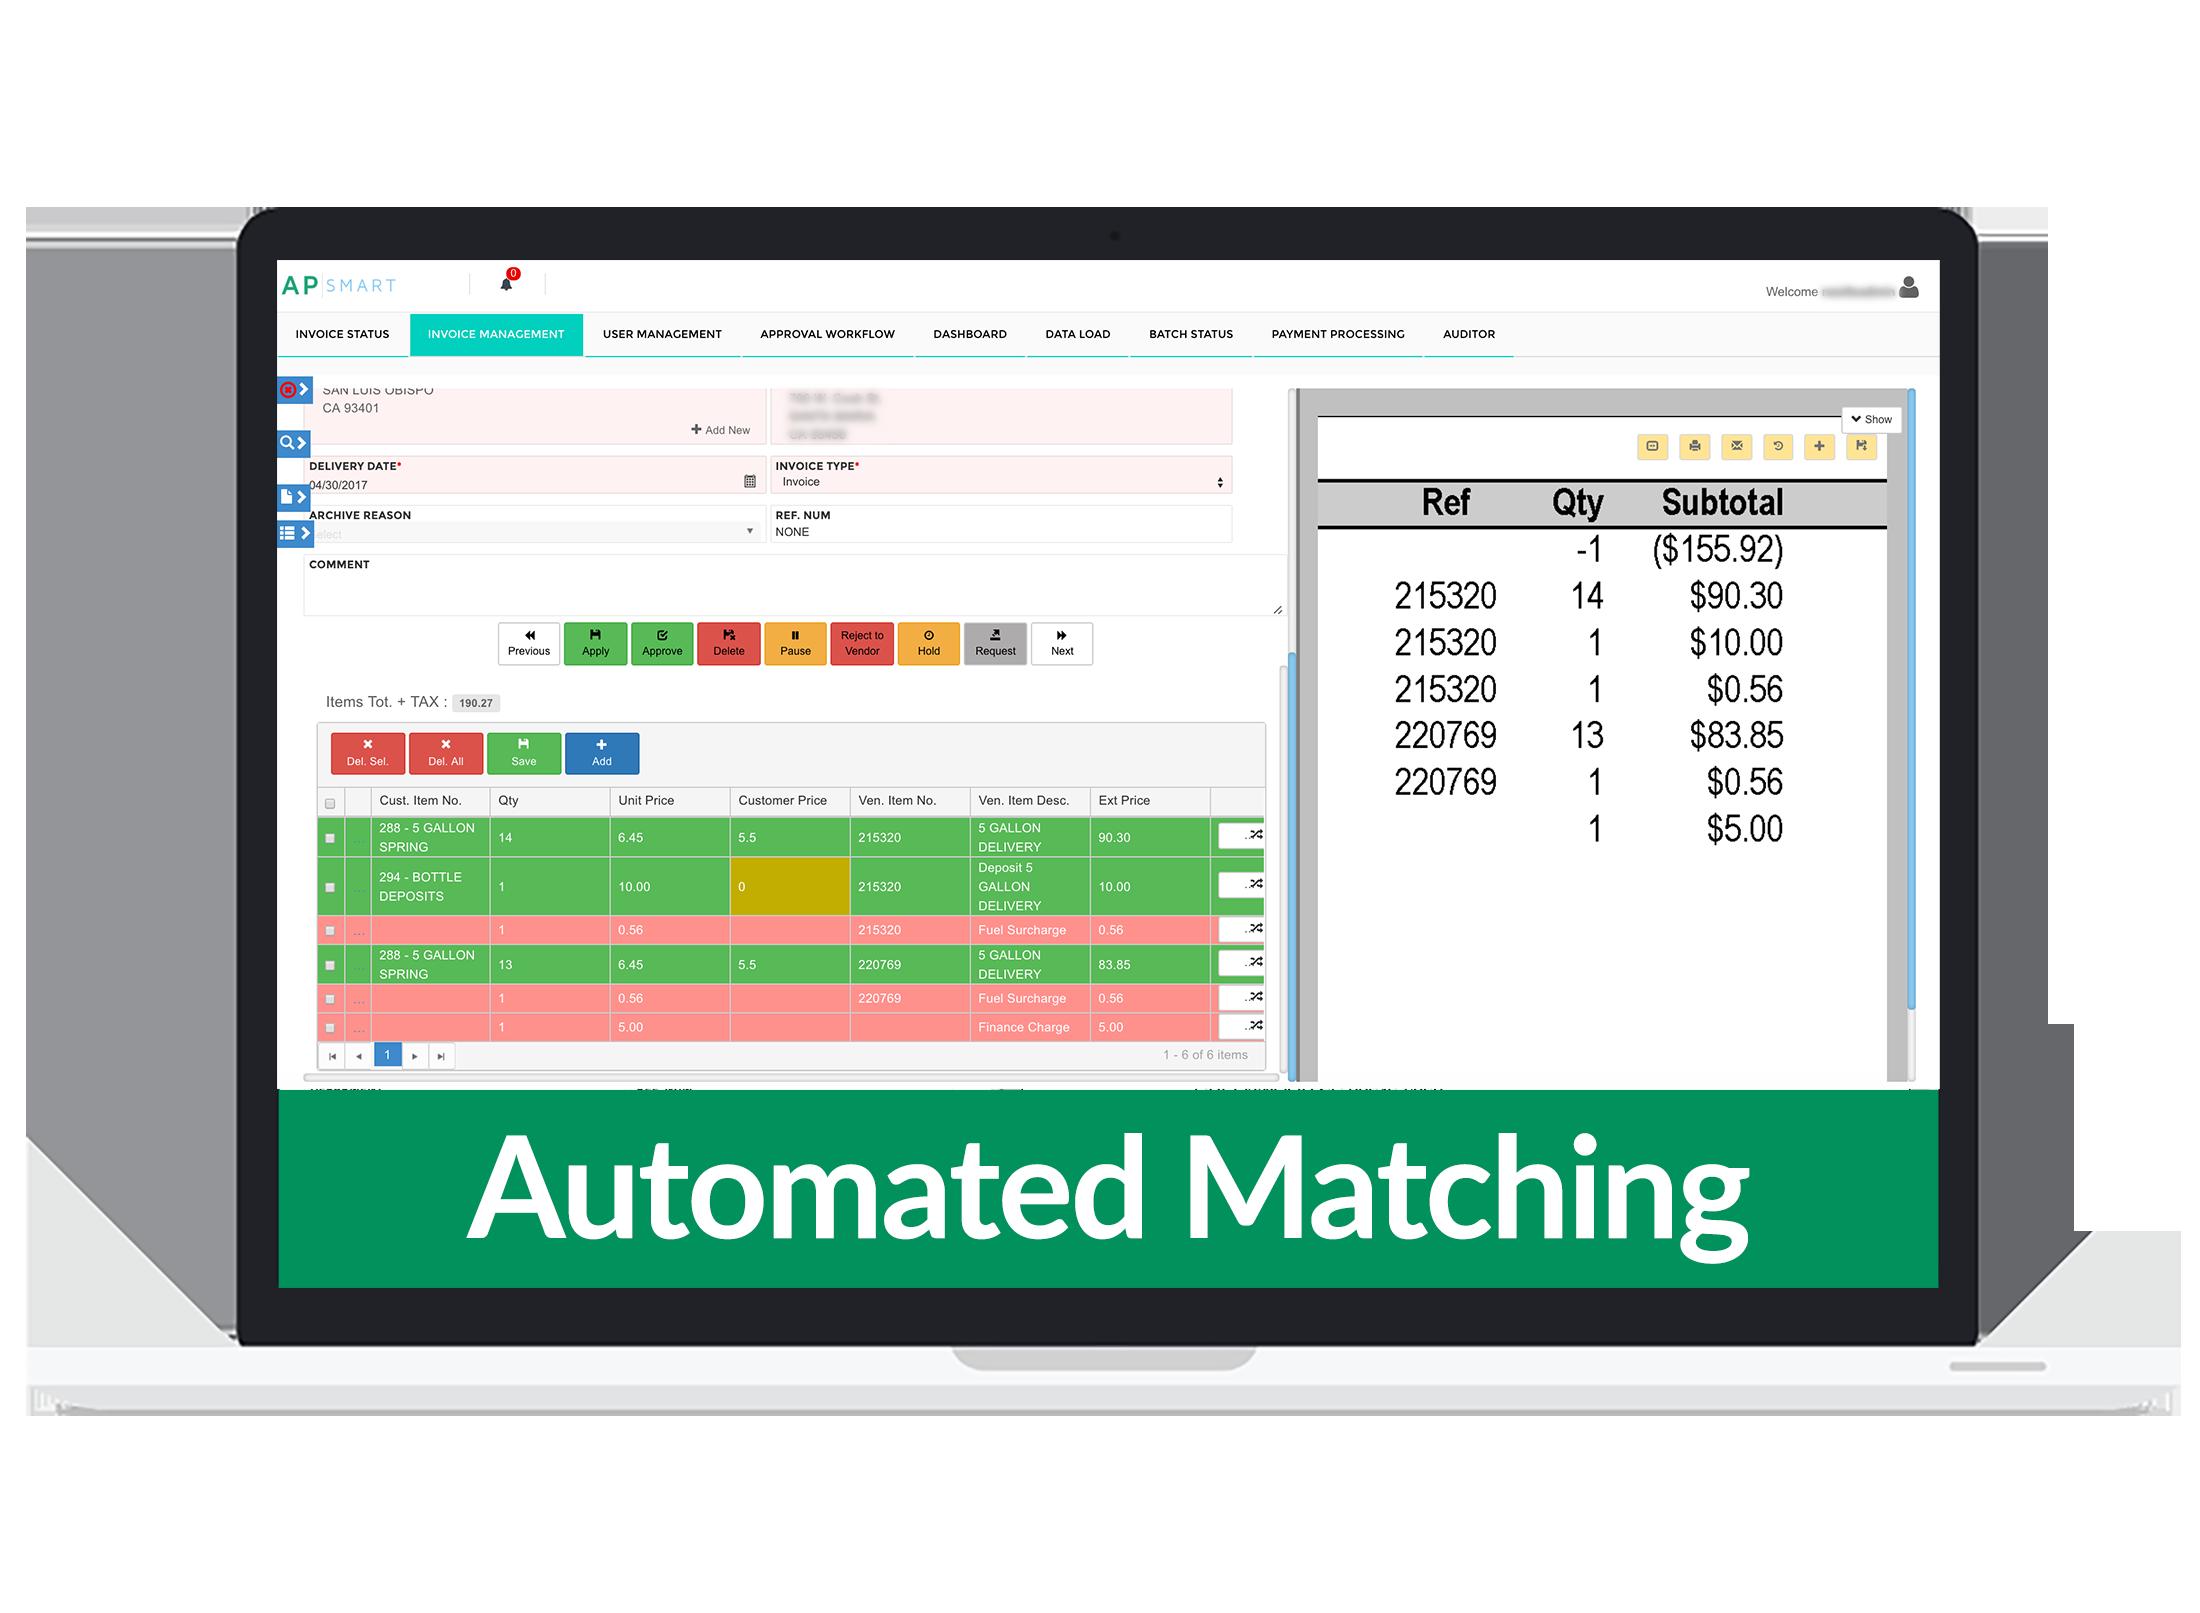 ap-automation-services.png